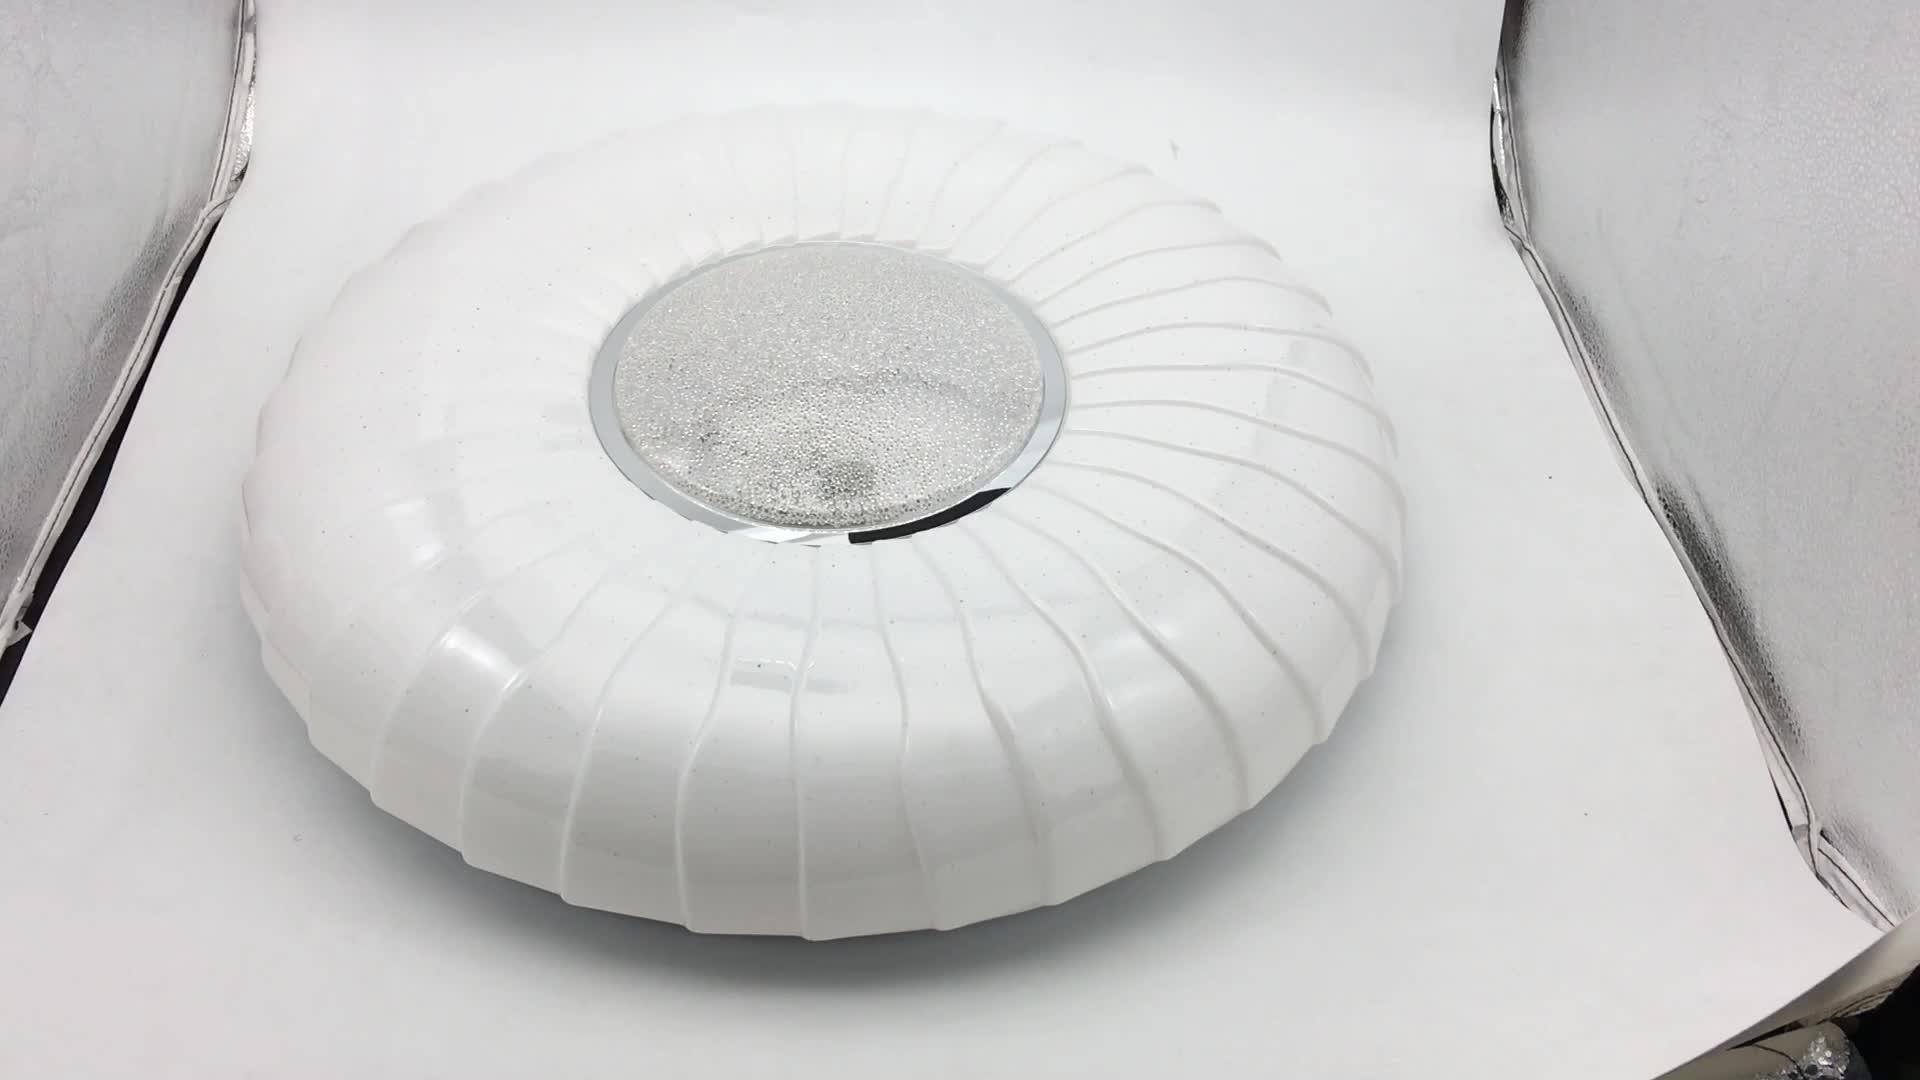 2019 nóng bán 12 w phòng khách thay đổi độ sáng ánh sáng trần vòng bangladesh trần ánh sáng